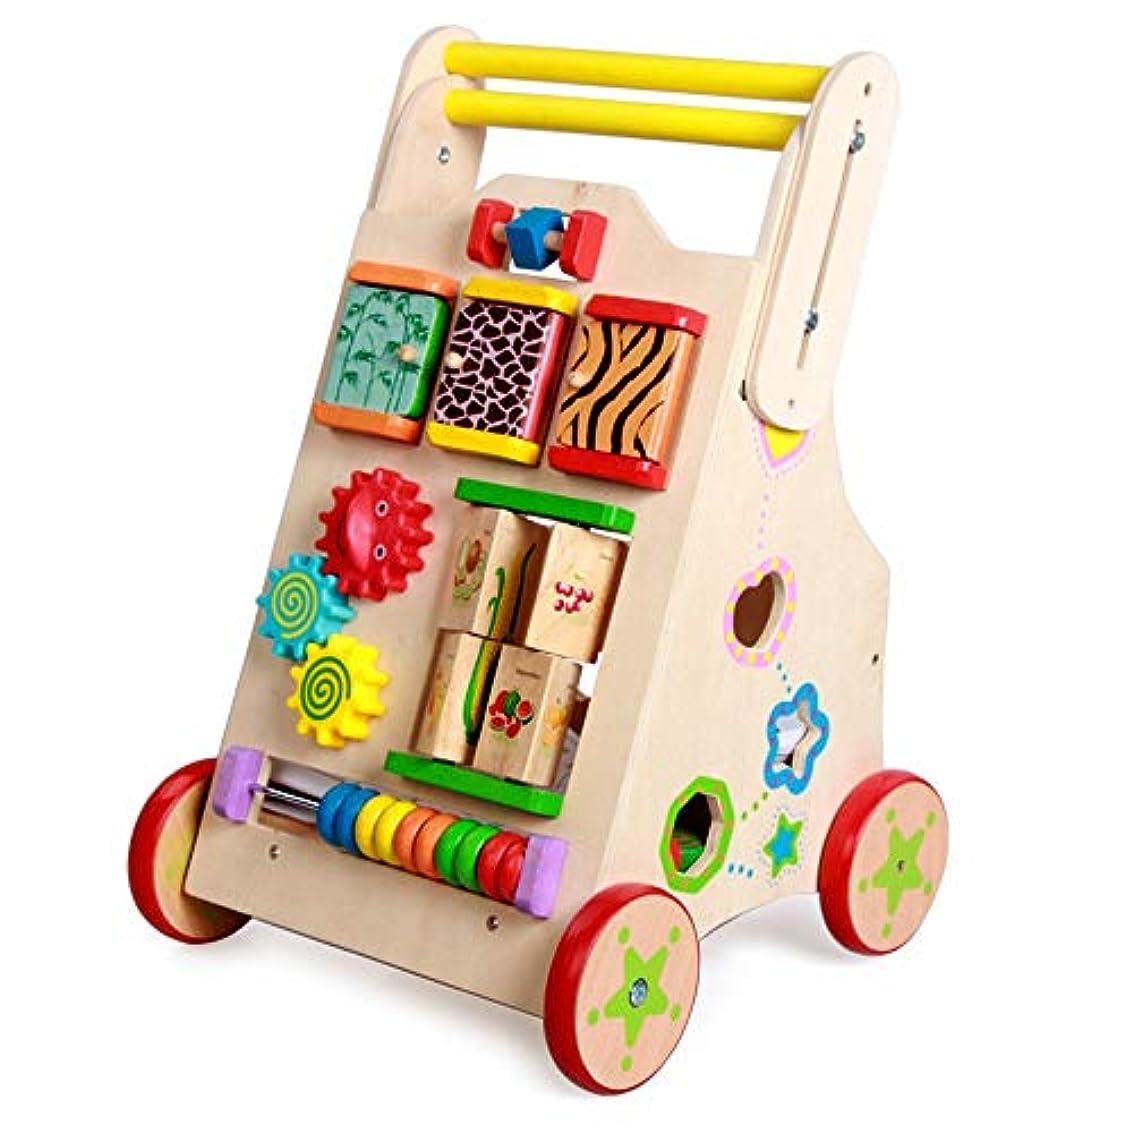 のために仕様革新学習歩行器ベビーカー 多機能ベビーウォーカーアンチロールオーバー子供木製カート幼児幼児おもちゃ車2イン1プッシュ&プルおもちゃとして使用 子供のおもちゃ車 (色 : Wood, サイズ : 32.5*34.5*55.5cm)